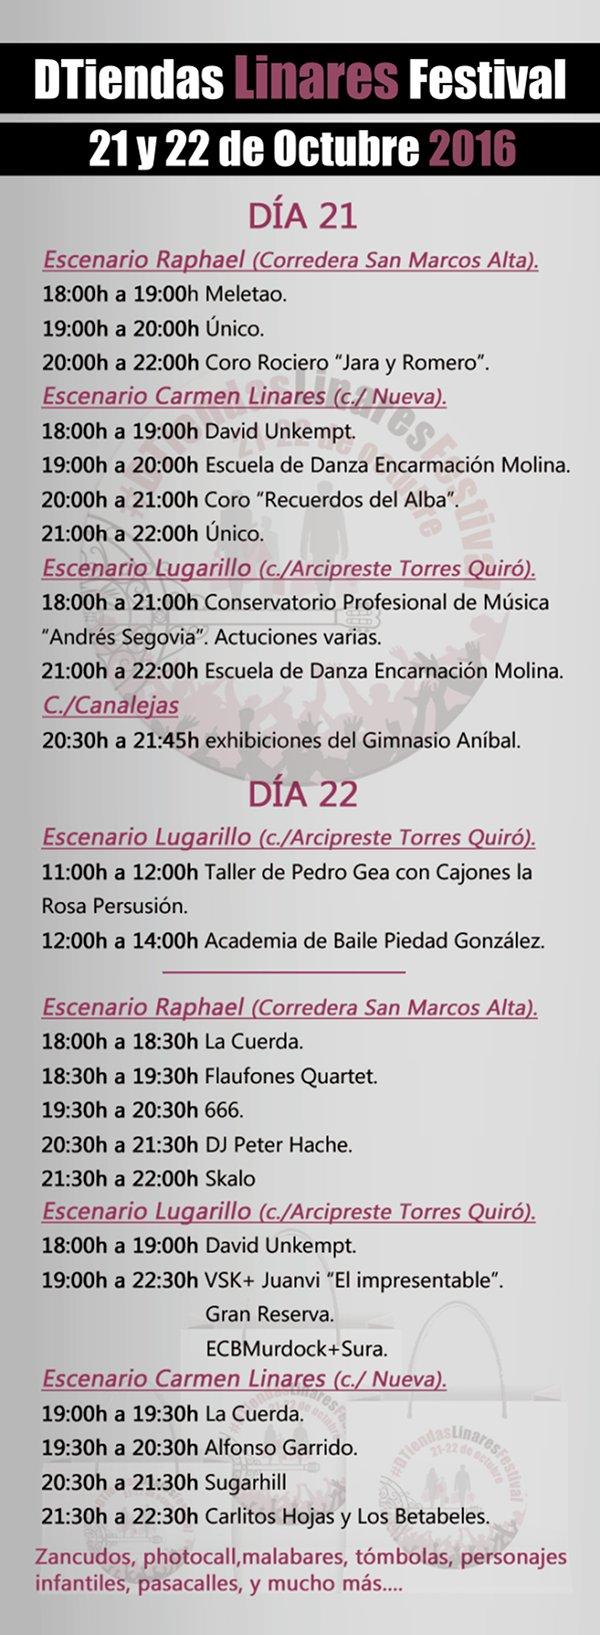 programación del DTiendas Linares Festival